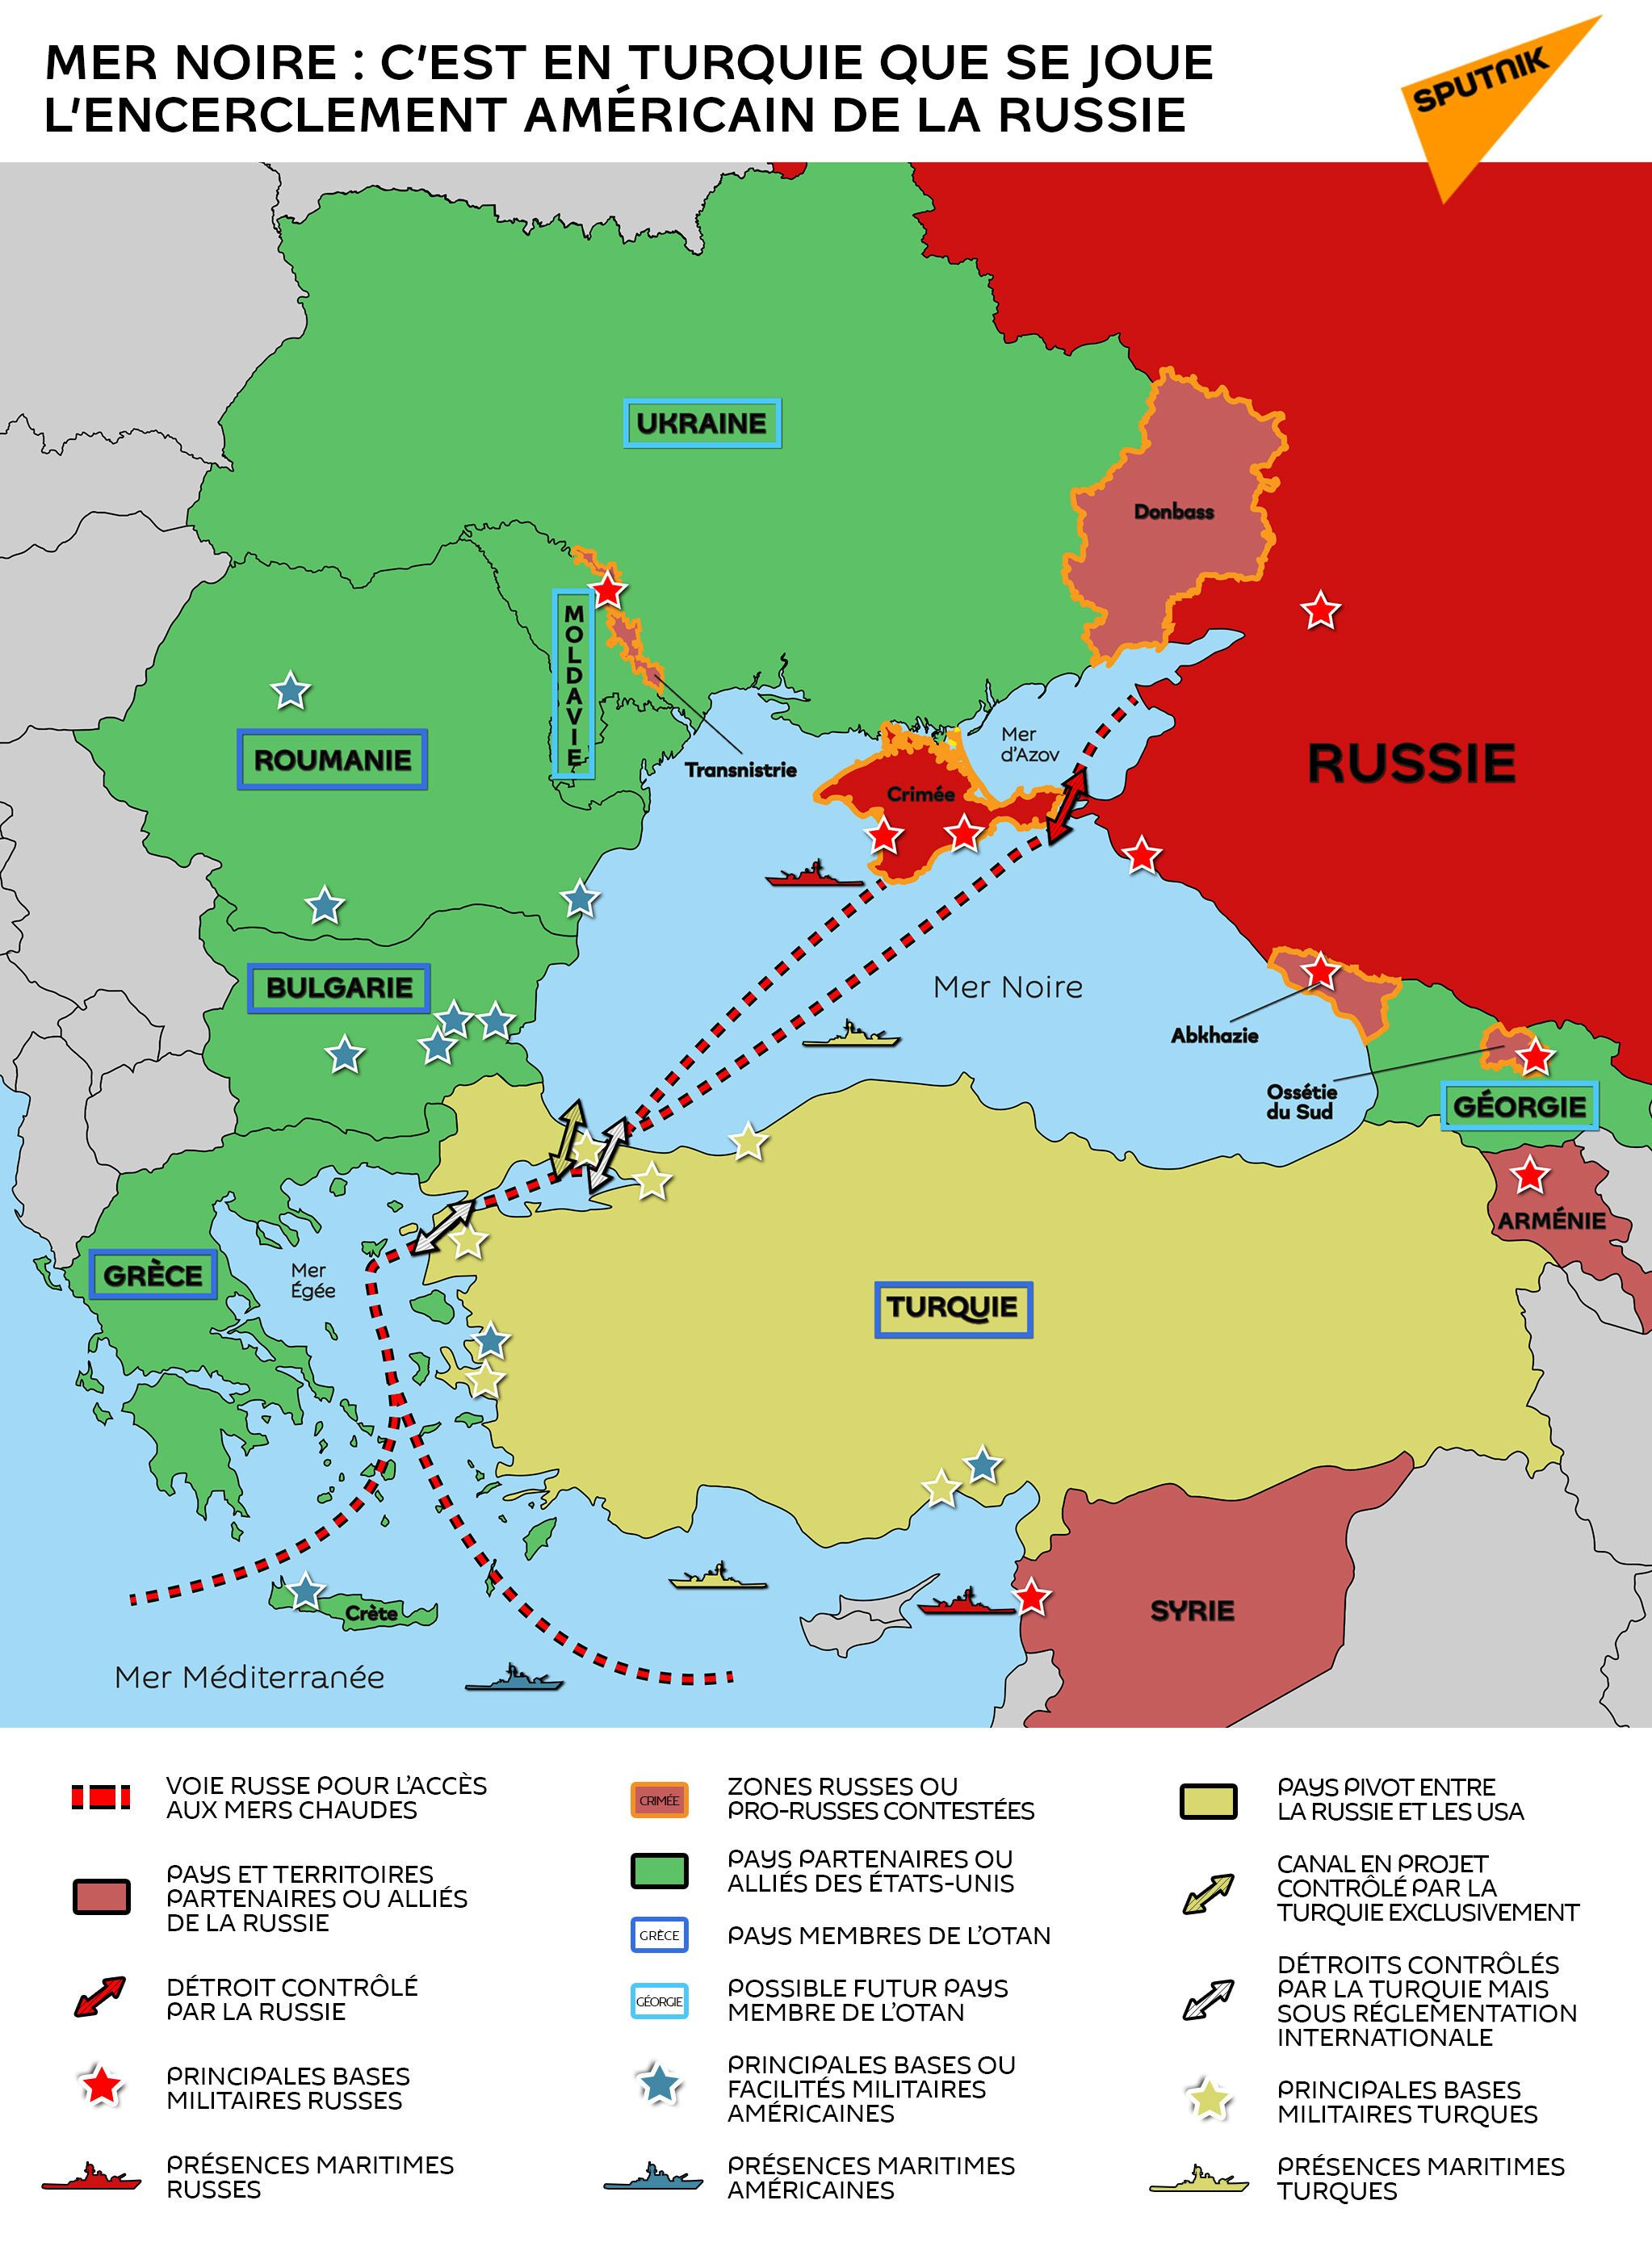 Mer Noire : c'est en Turquie que se joue l'encerclement américain de la Russie